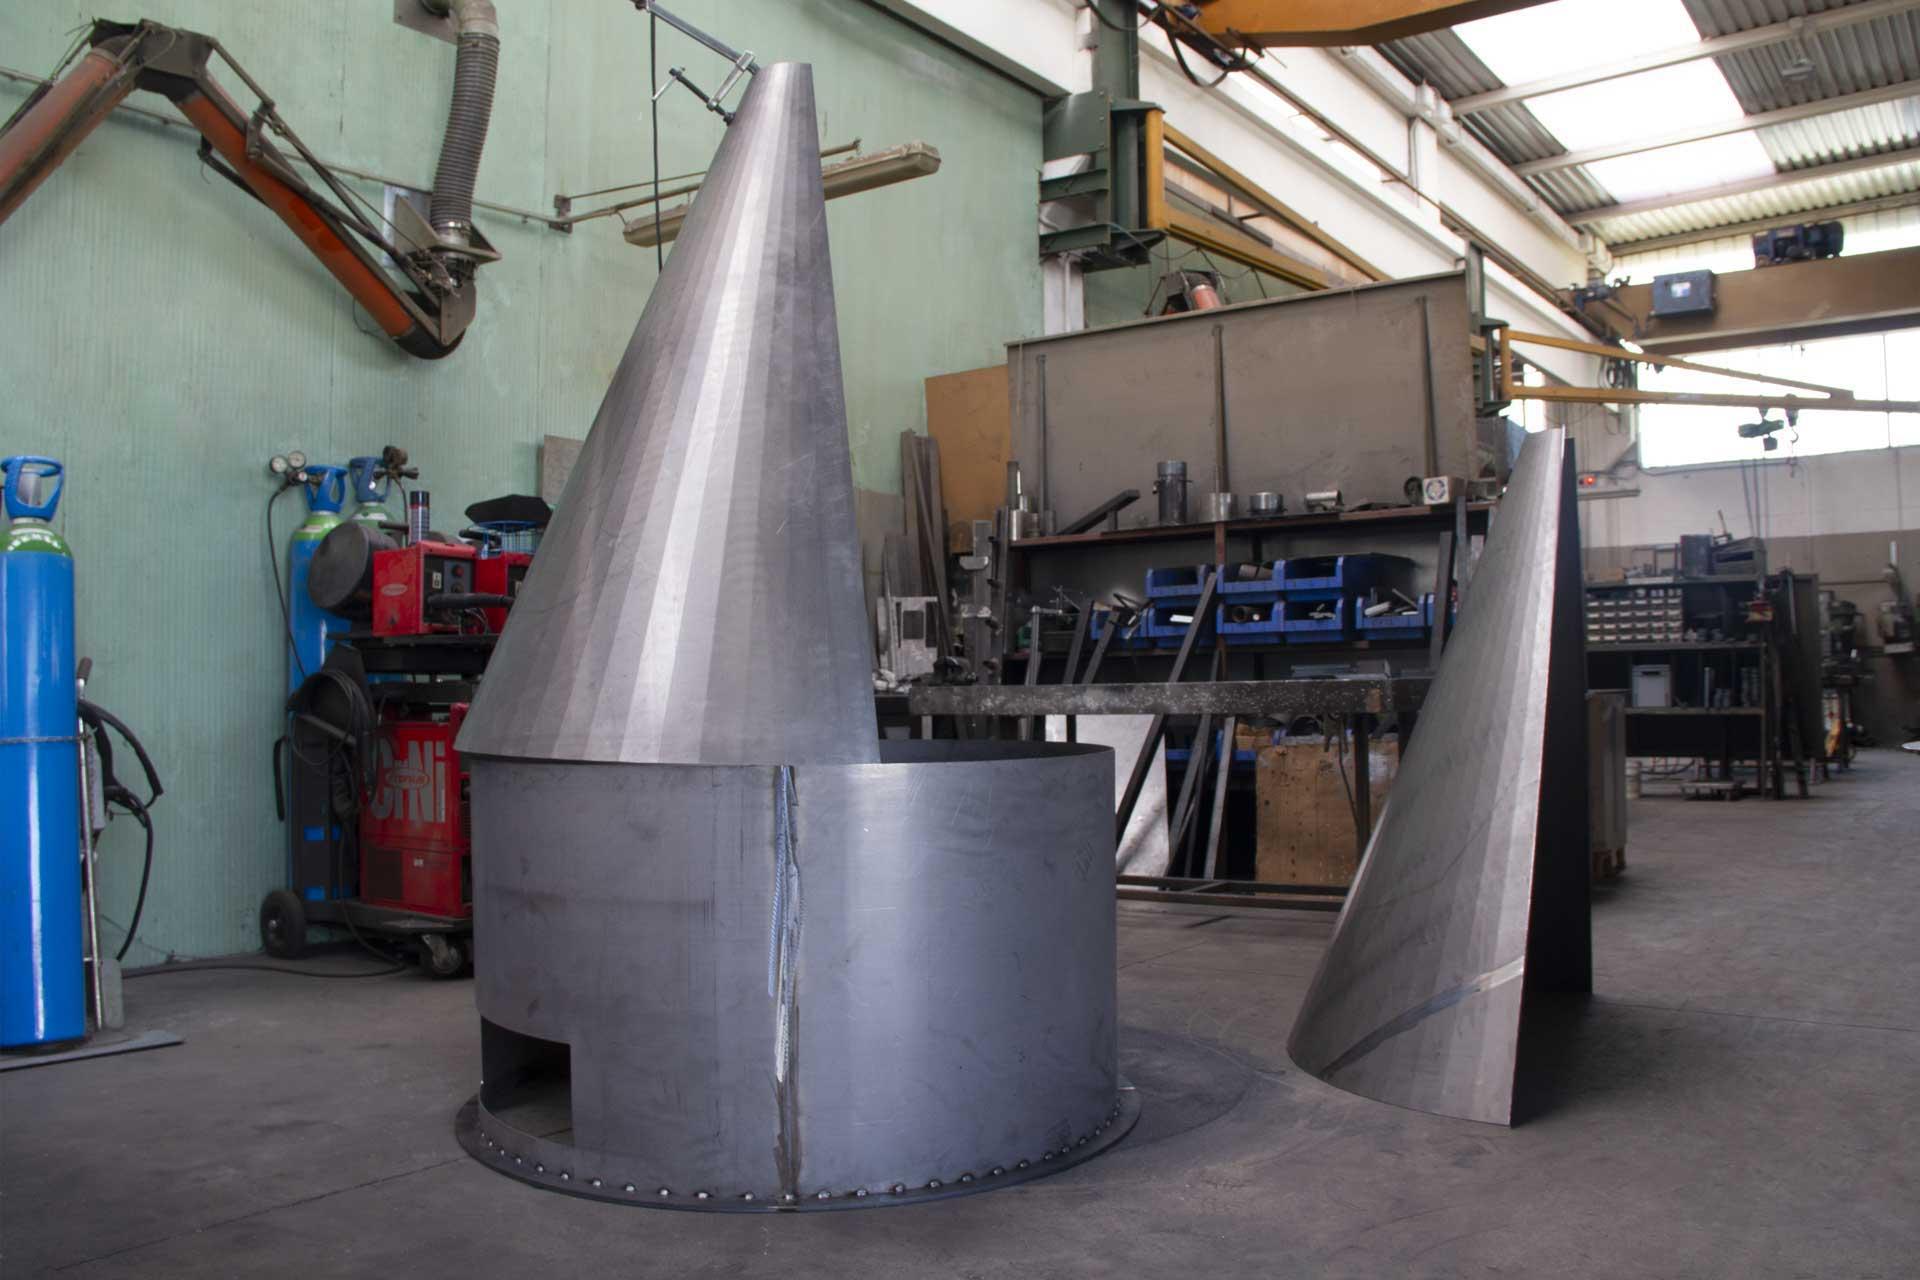 llp-montebello-vicentino-vicenza-coni-industria-produttrice-cavi-elettrici-3